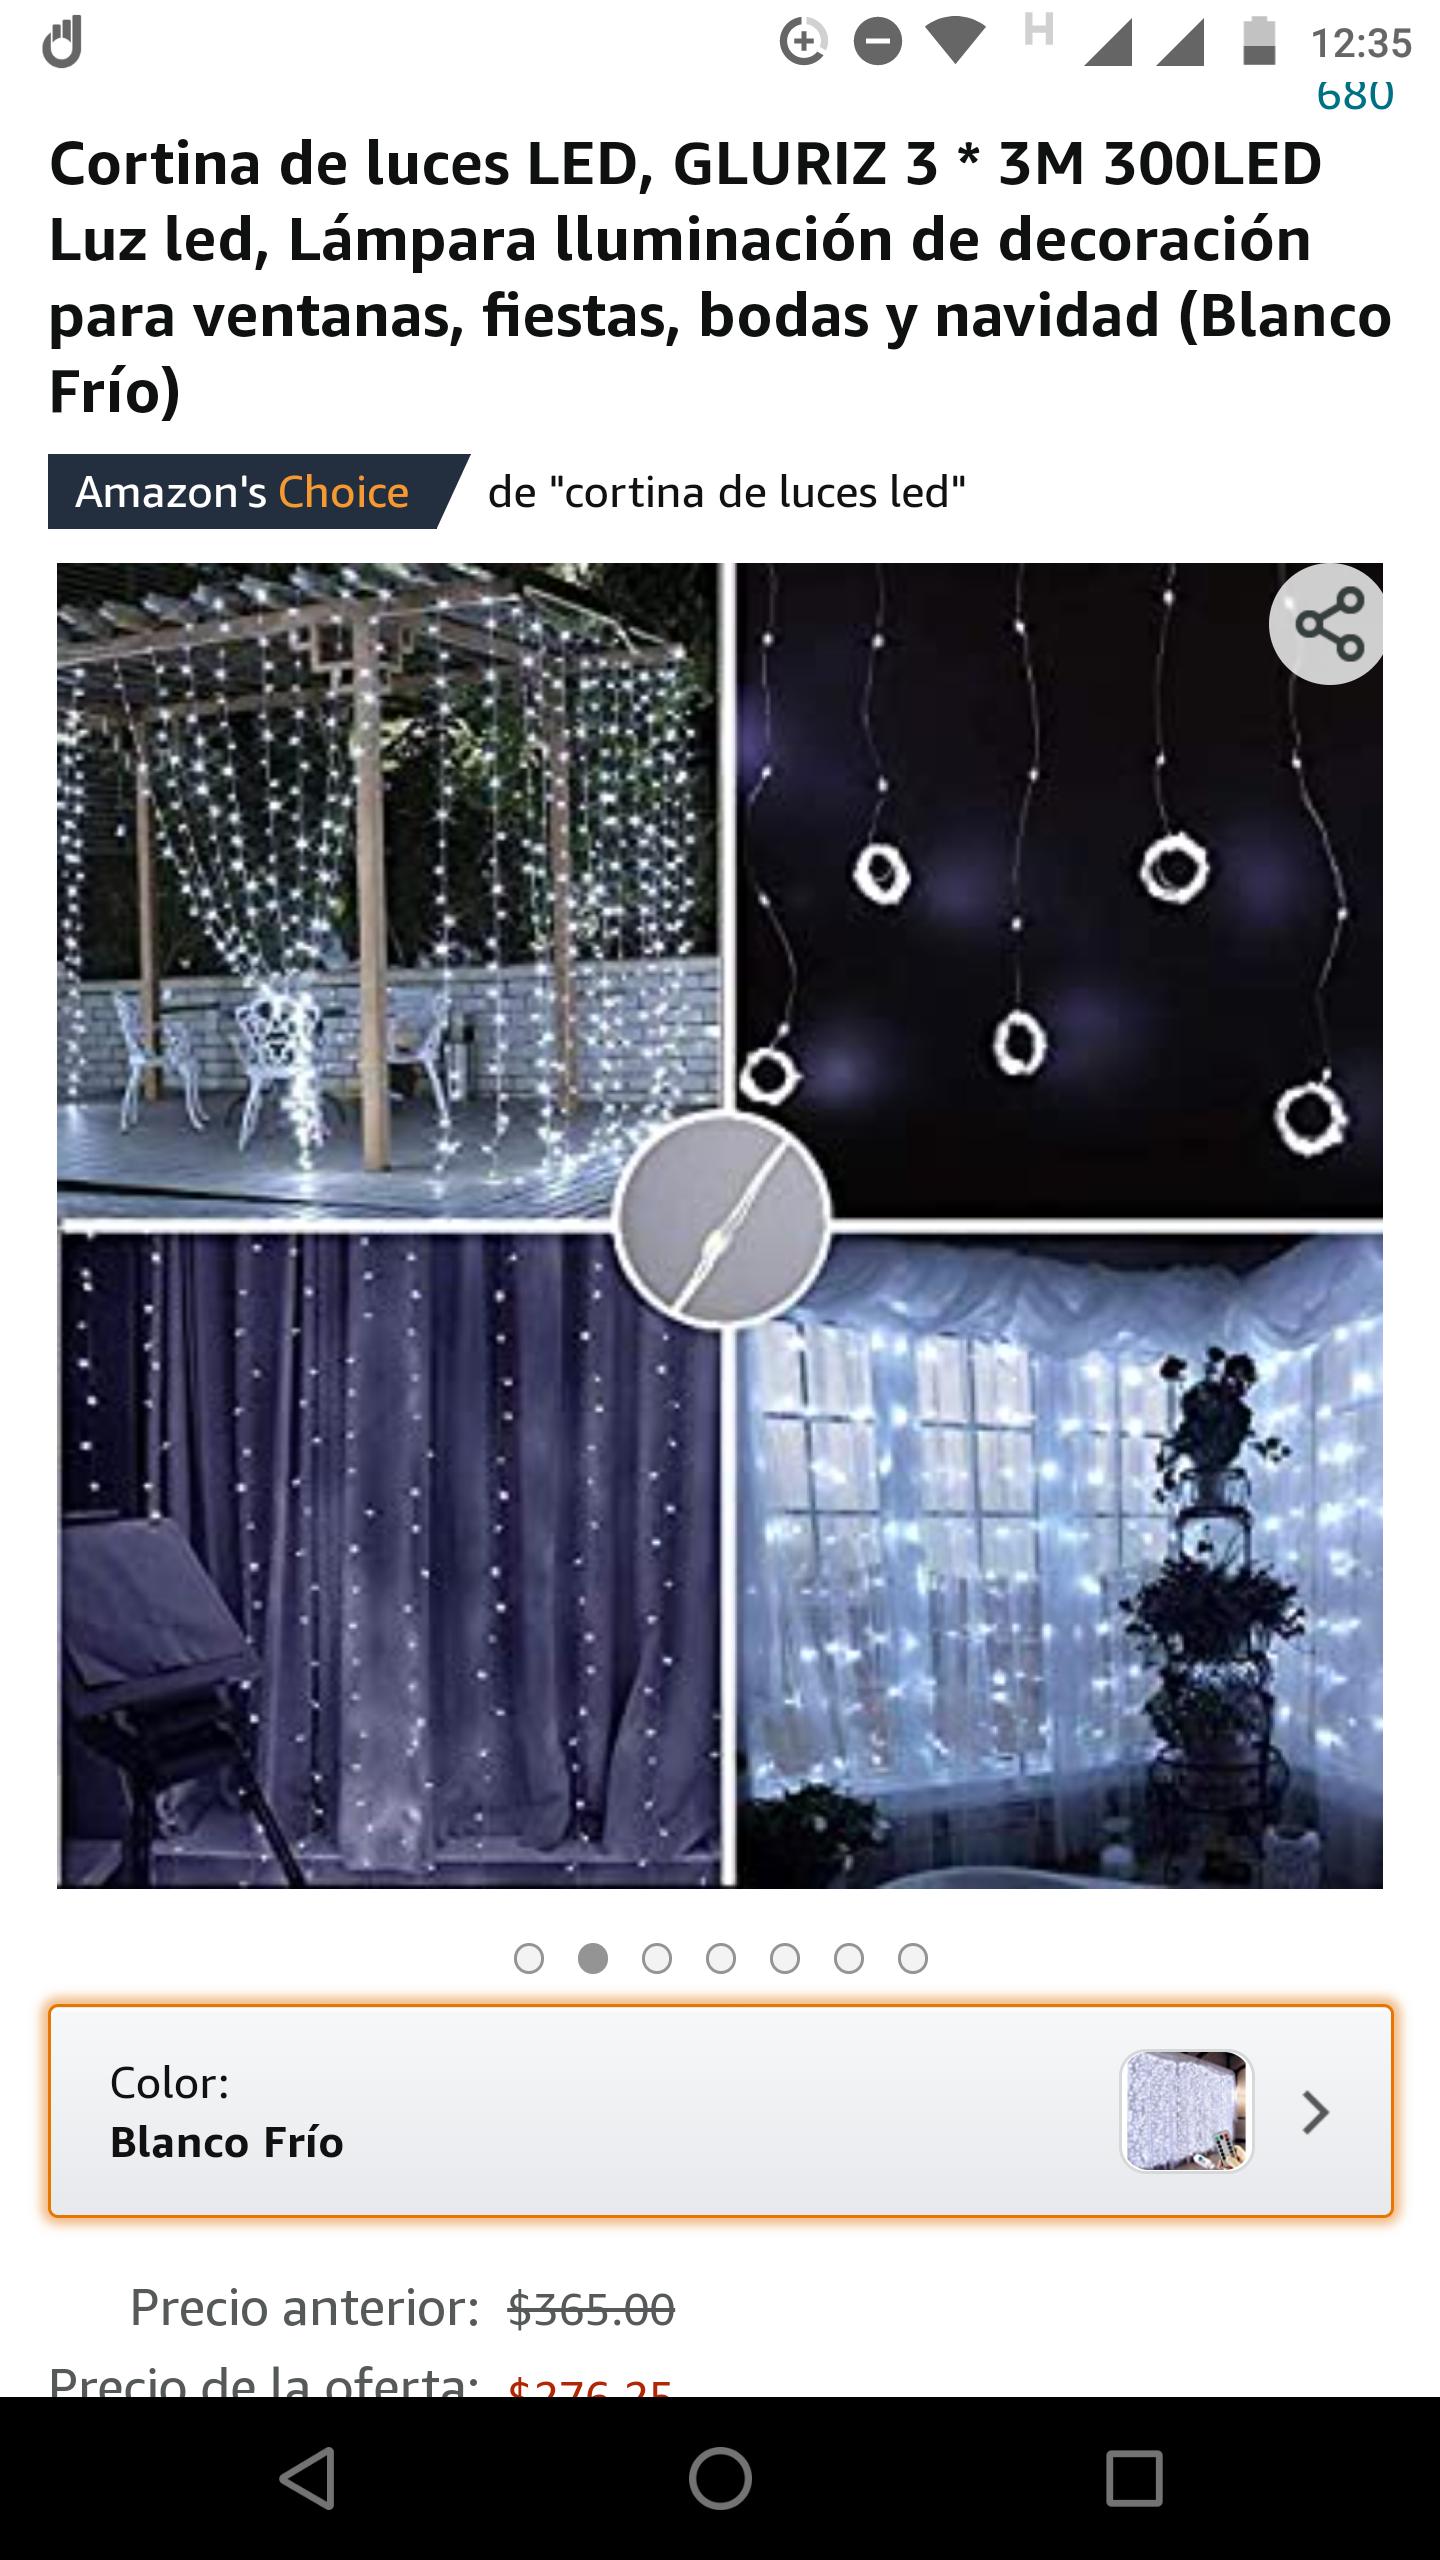 Amazon: Cortina de luces LED, GLURIZ 3 * 3M 300LED Luz led, Lámpara lluminación de decoración para ventanas, fiestas, bodas y navidad